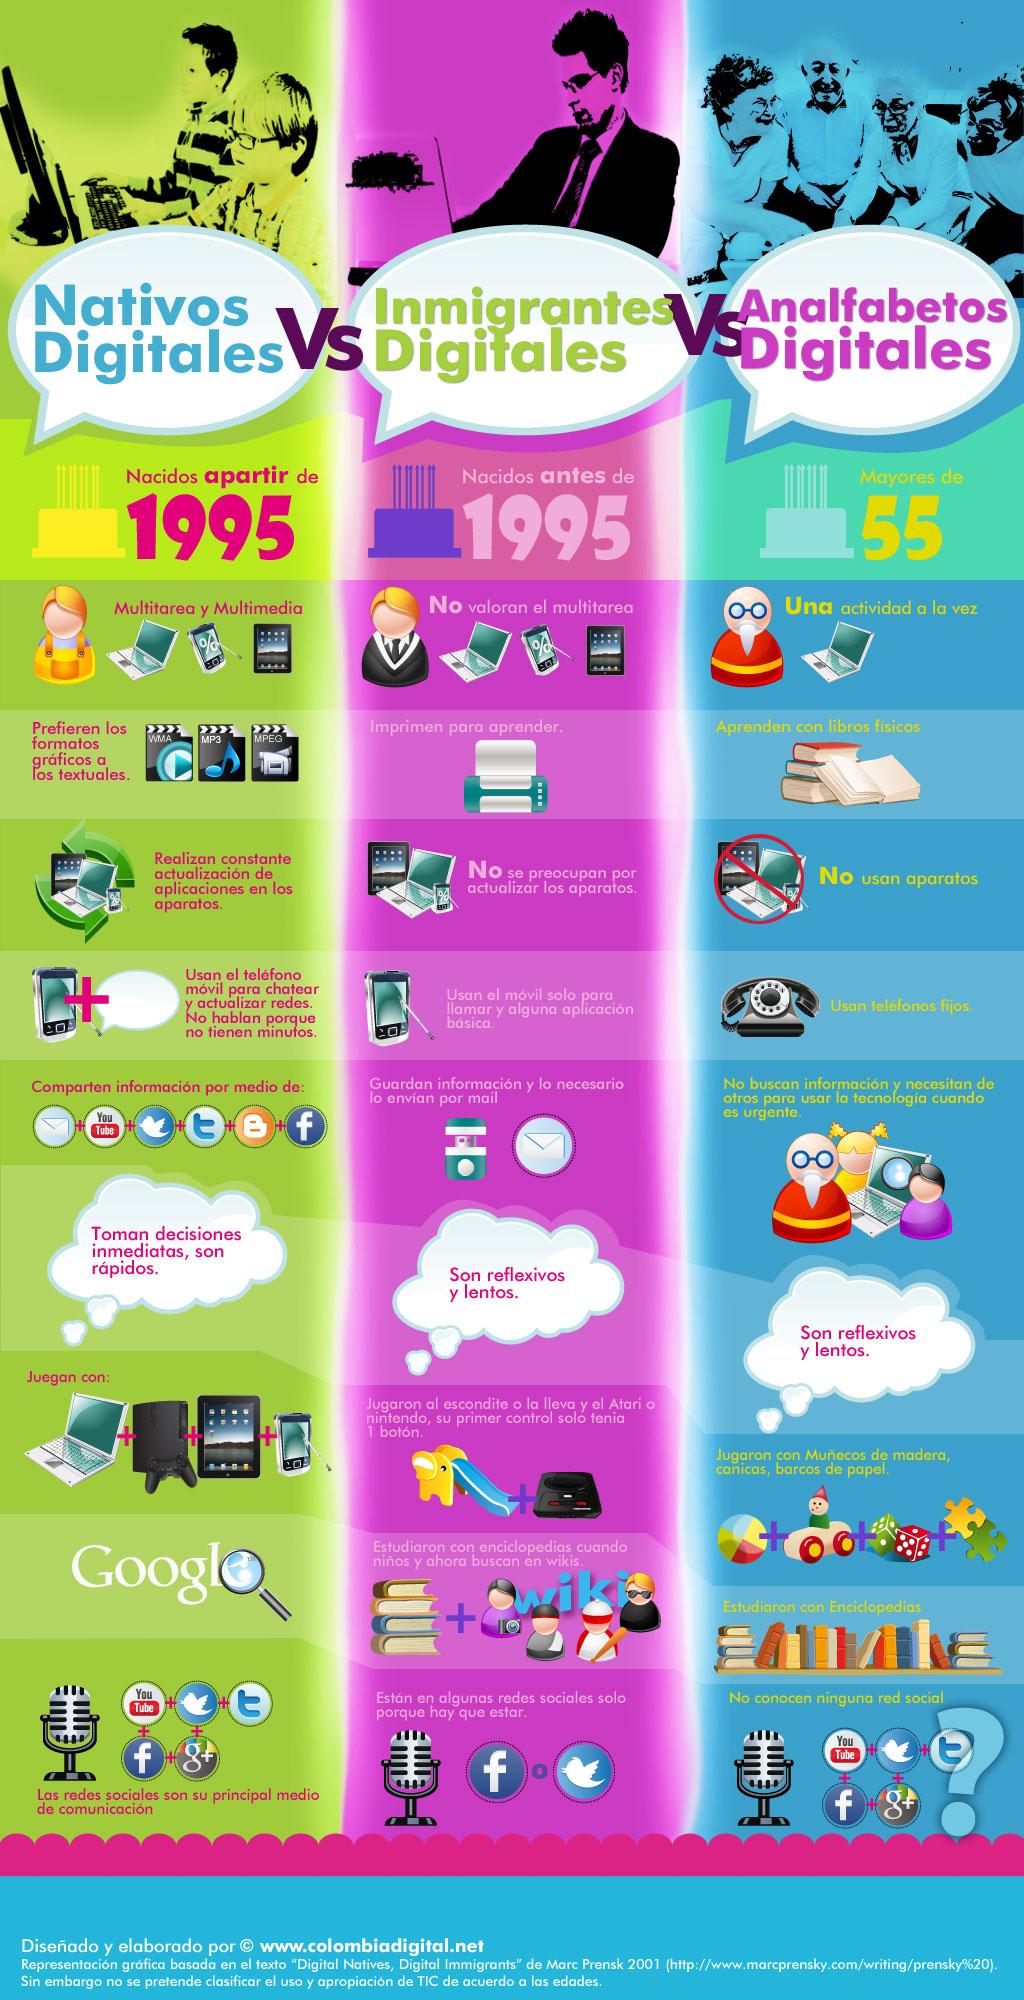 Nativos digitales vs inmigrantes digitales vs analfabetos digitales #infografia #infographic #internet - TICs y Formación